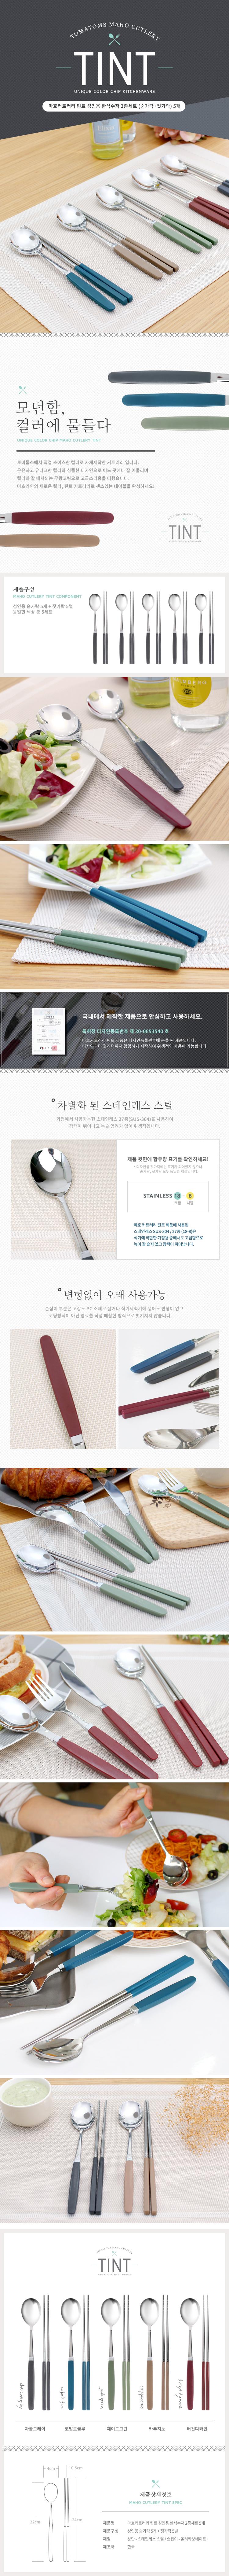 [마호커트러리]틴트 성인용 한식수저 2종세트(숟가락+젓가락) 5개 - 아이에스컴퍼니, 30,900원, 숟가락/젓가락/스틱, 숟가락/젓가락 세트